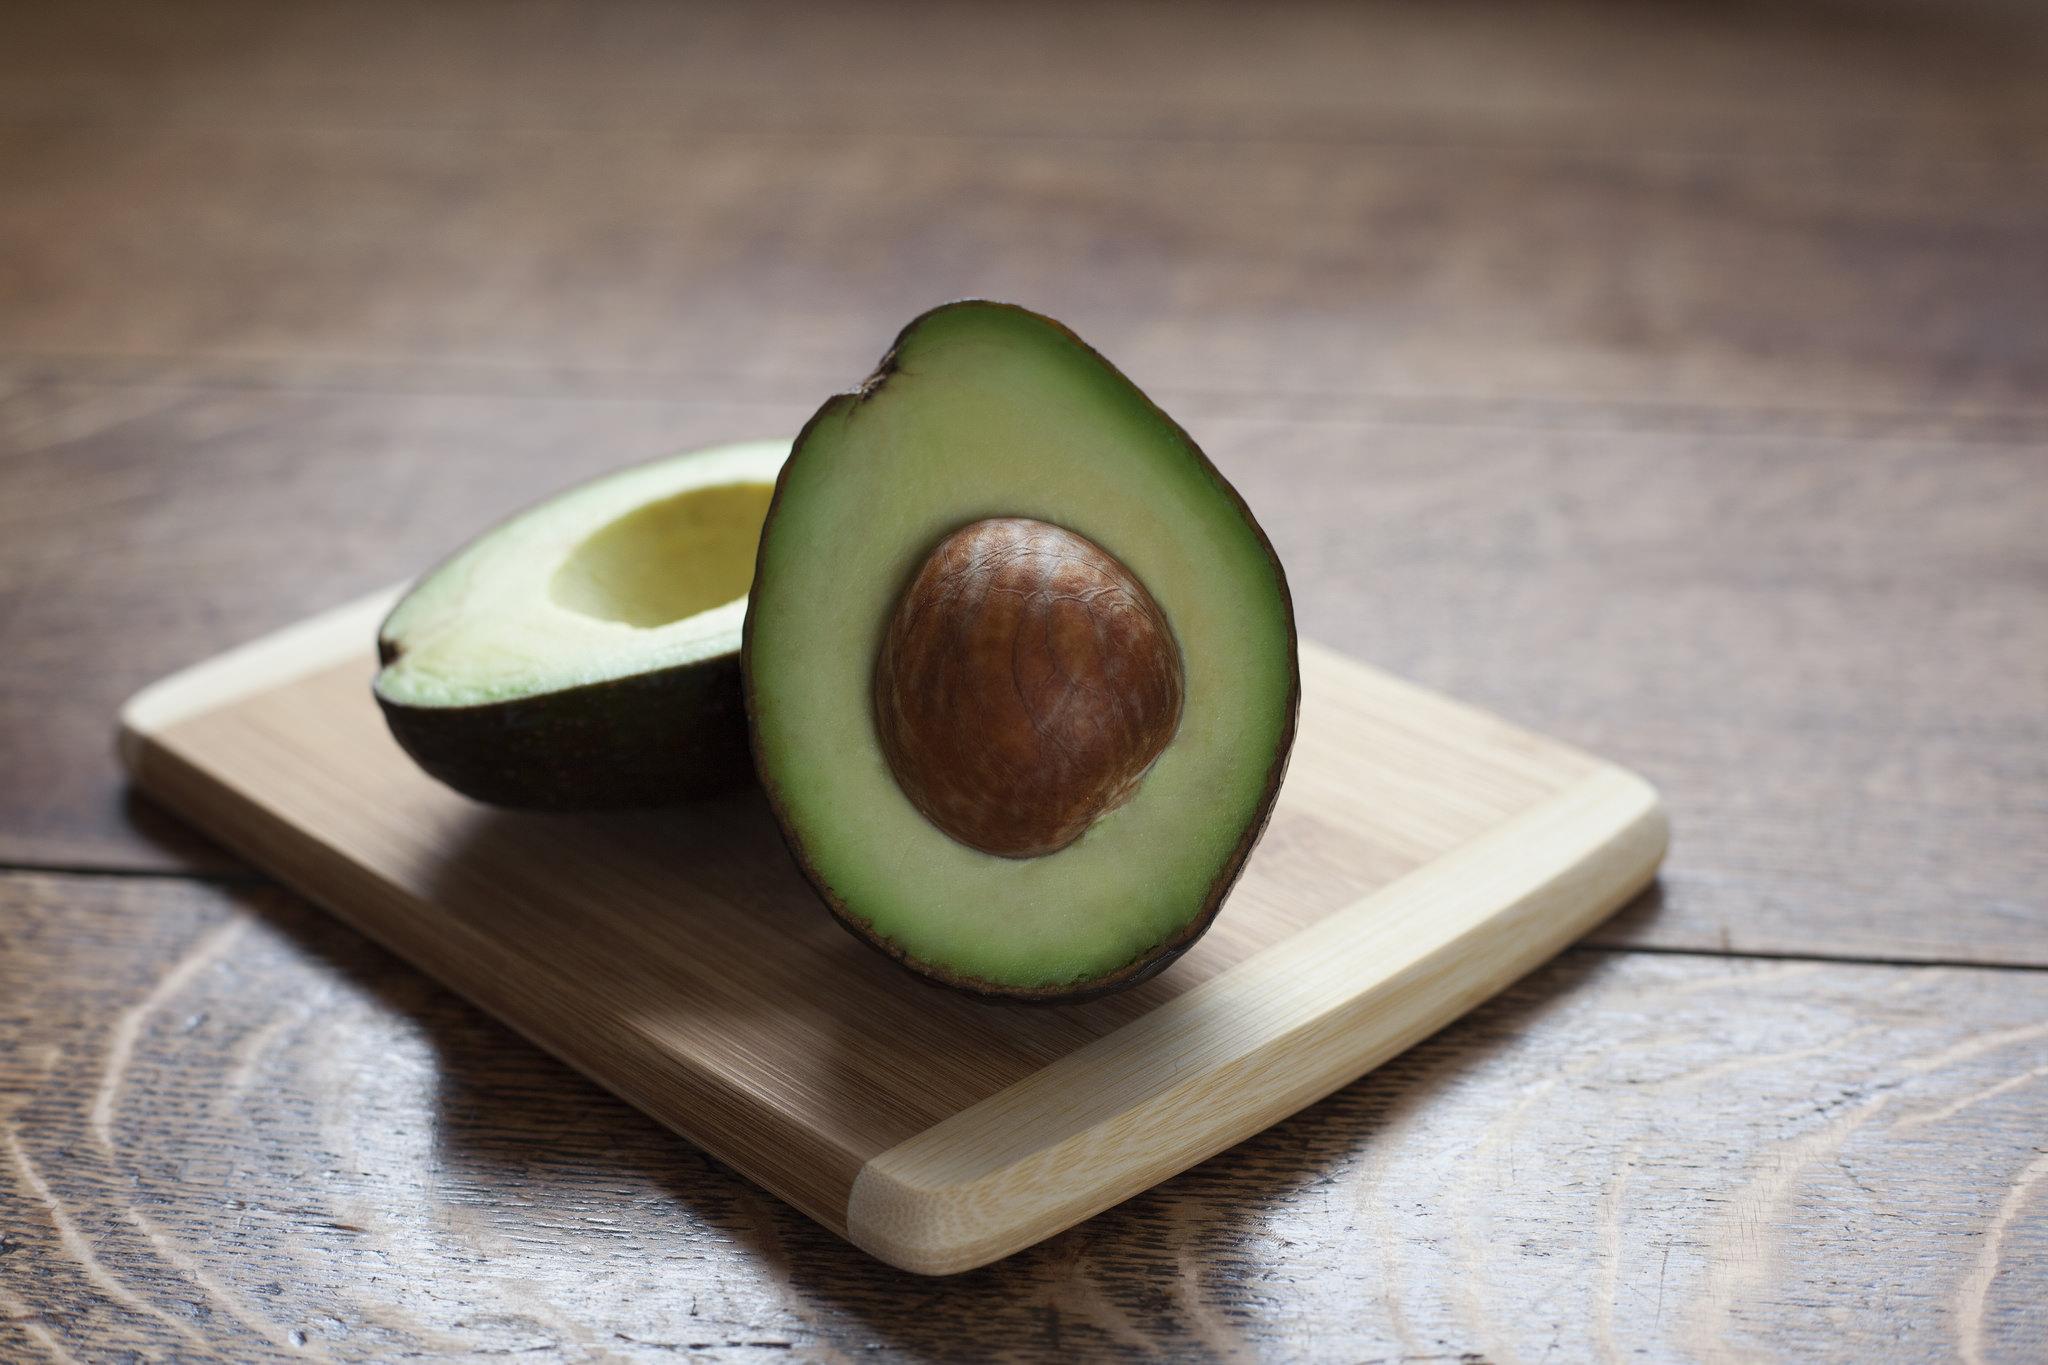 29215779510 6fe096ab24 z 1.jpg - 9 motivos sensacionais para você começar a comer abacate